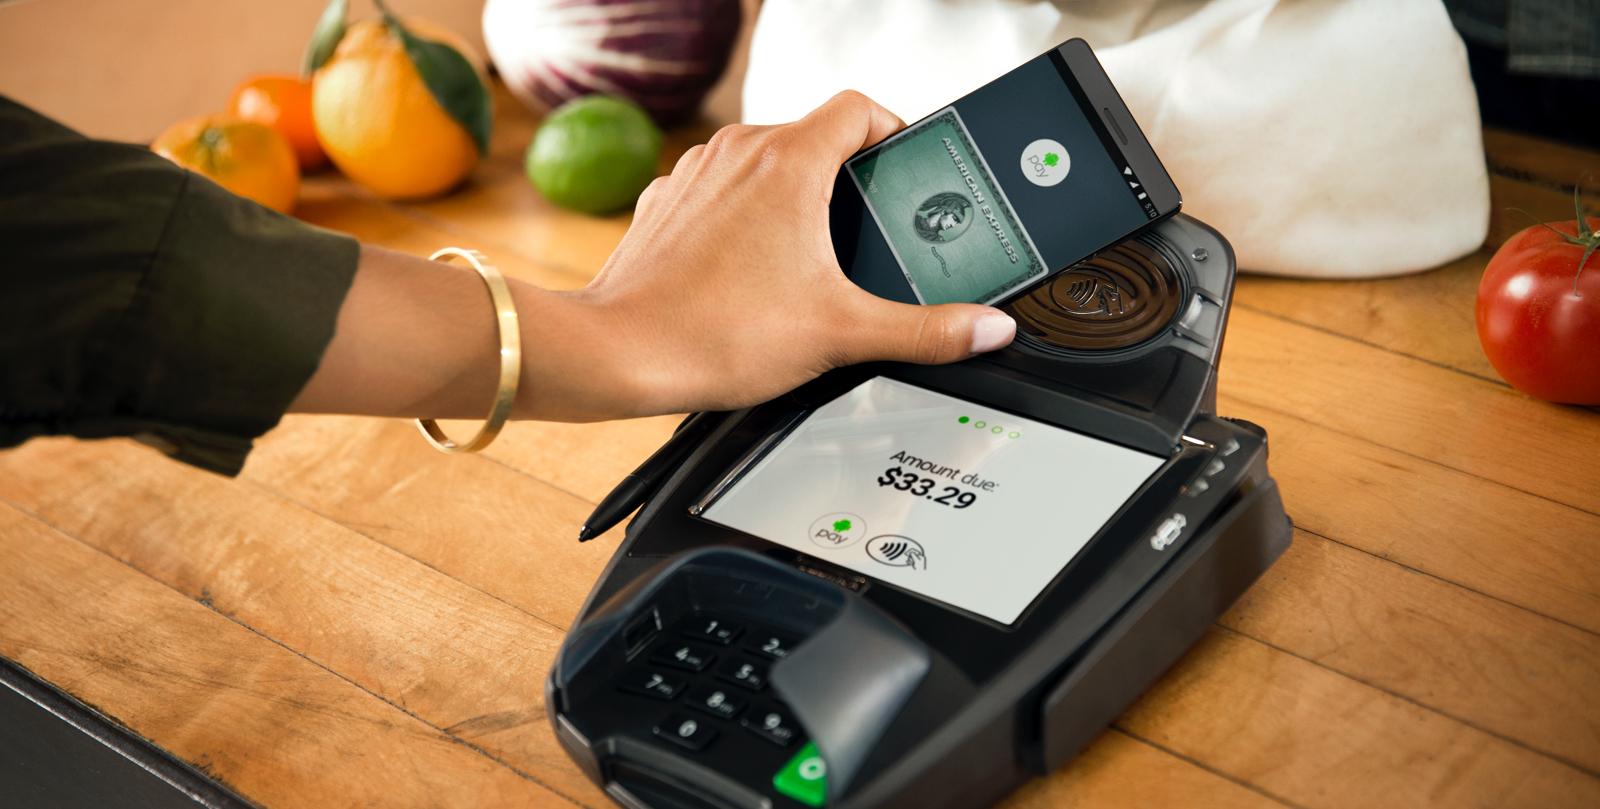 Android Pay di Google è stato lanciato da poco più di un mese negli Stati Uniti